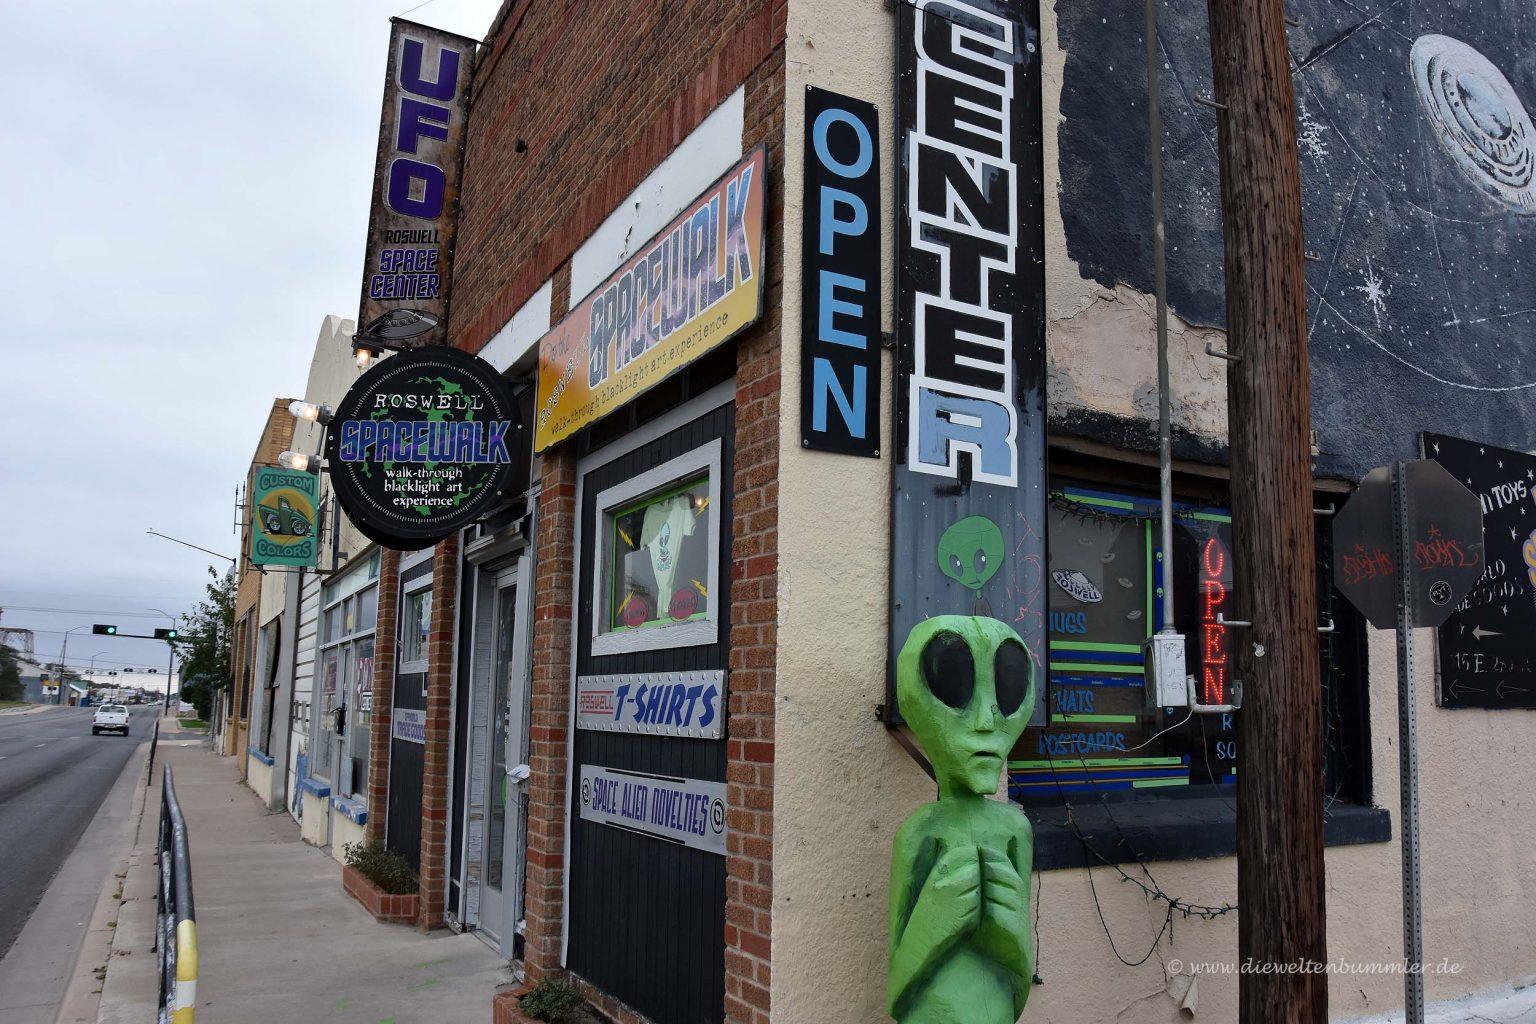 Andenkenladen mit Alien